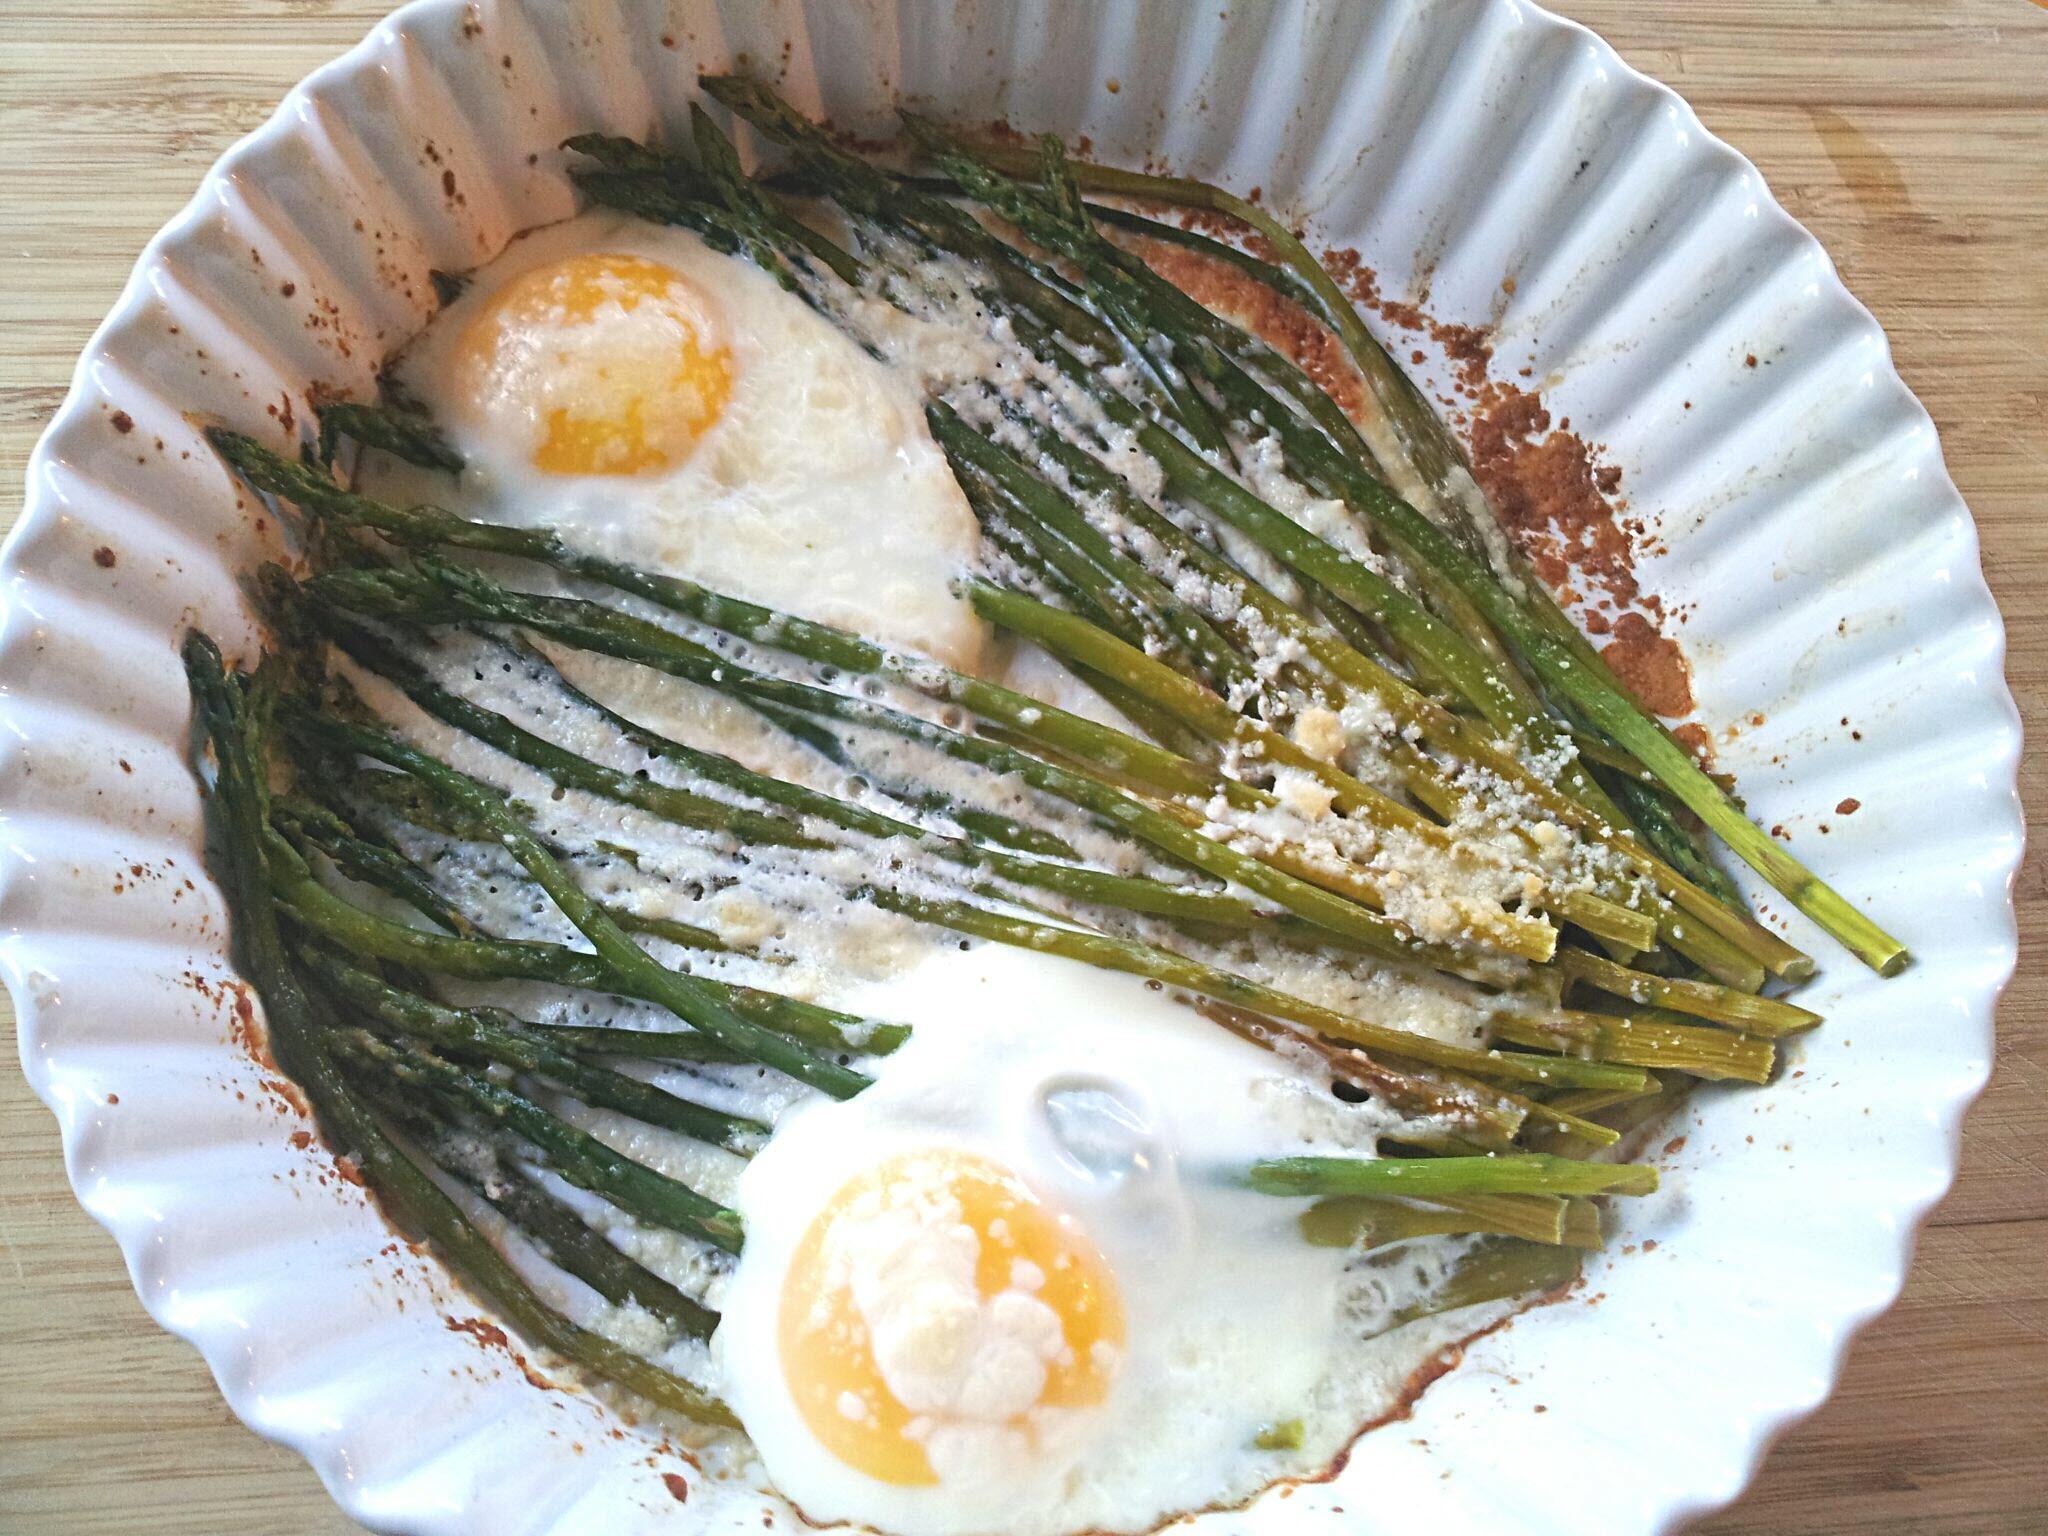 Baked Eggs and Asparagus